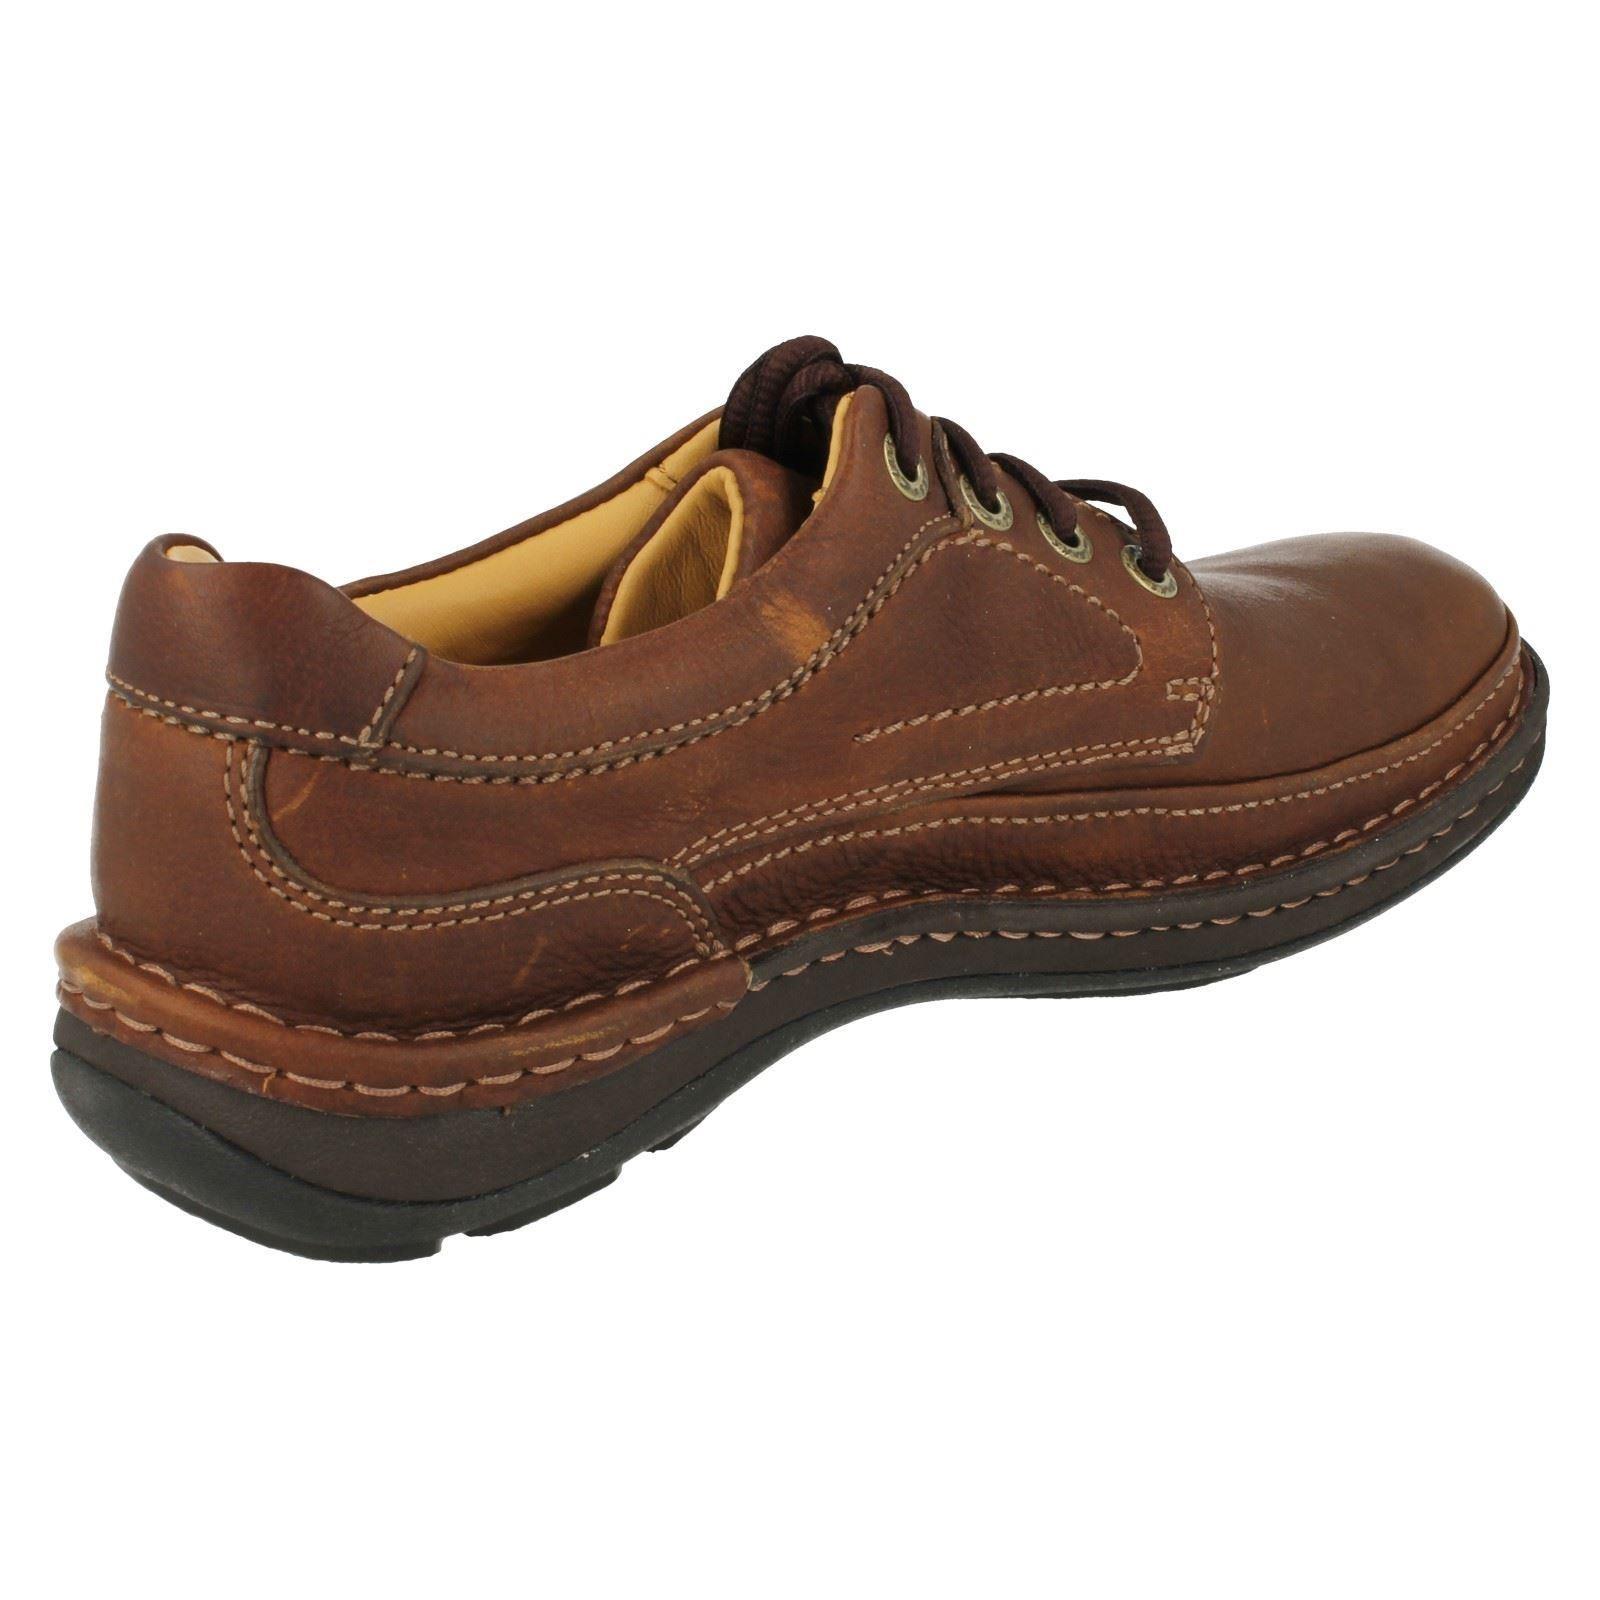 Clarks Shoes Mens Amazon